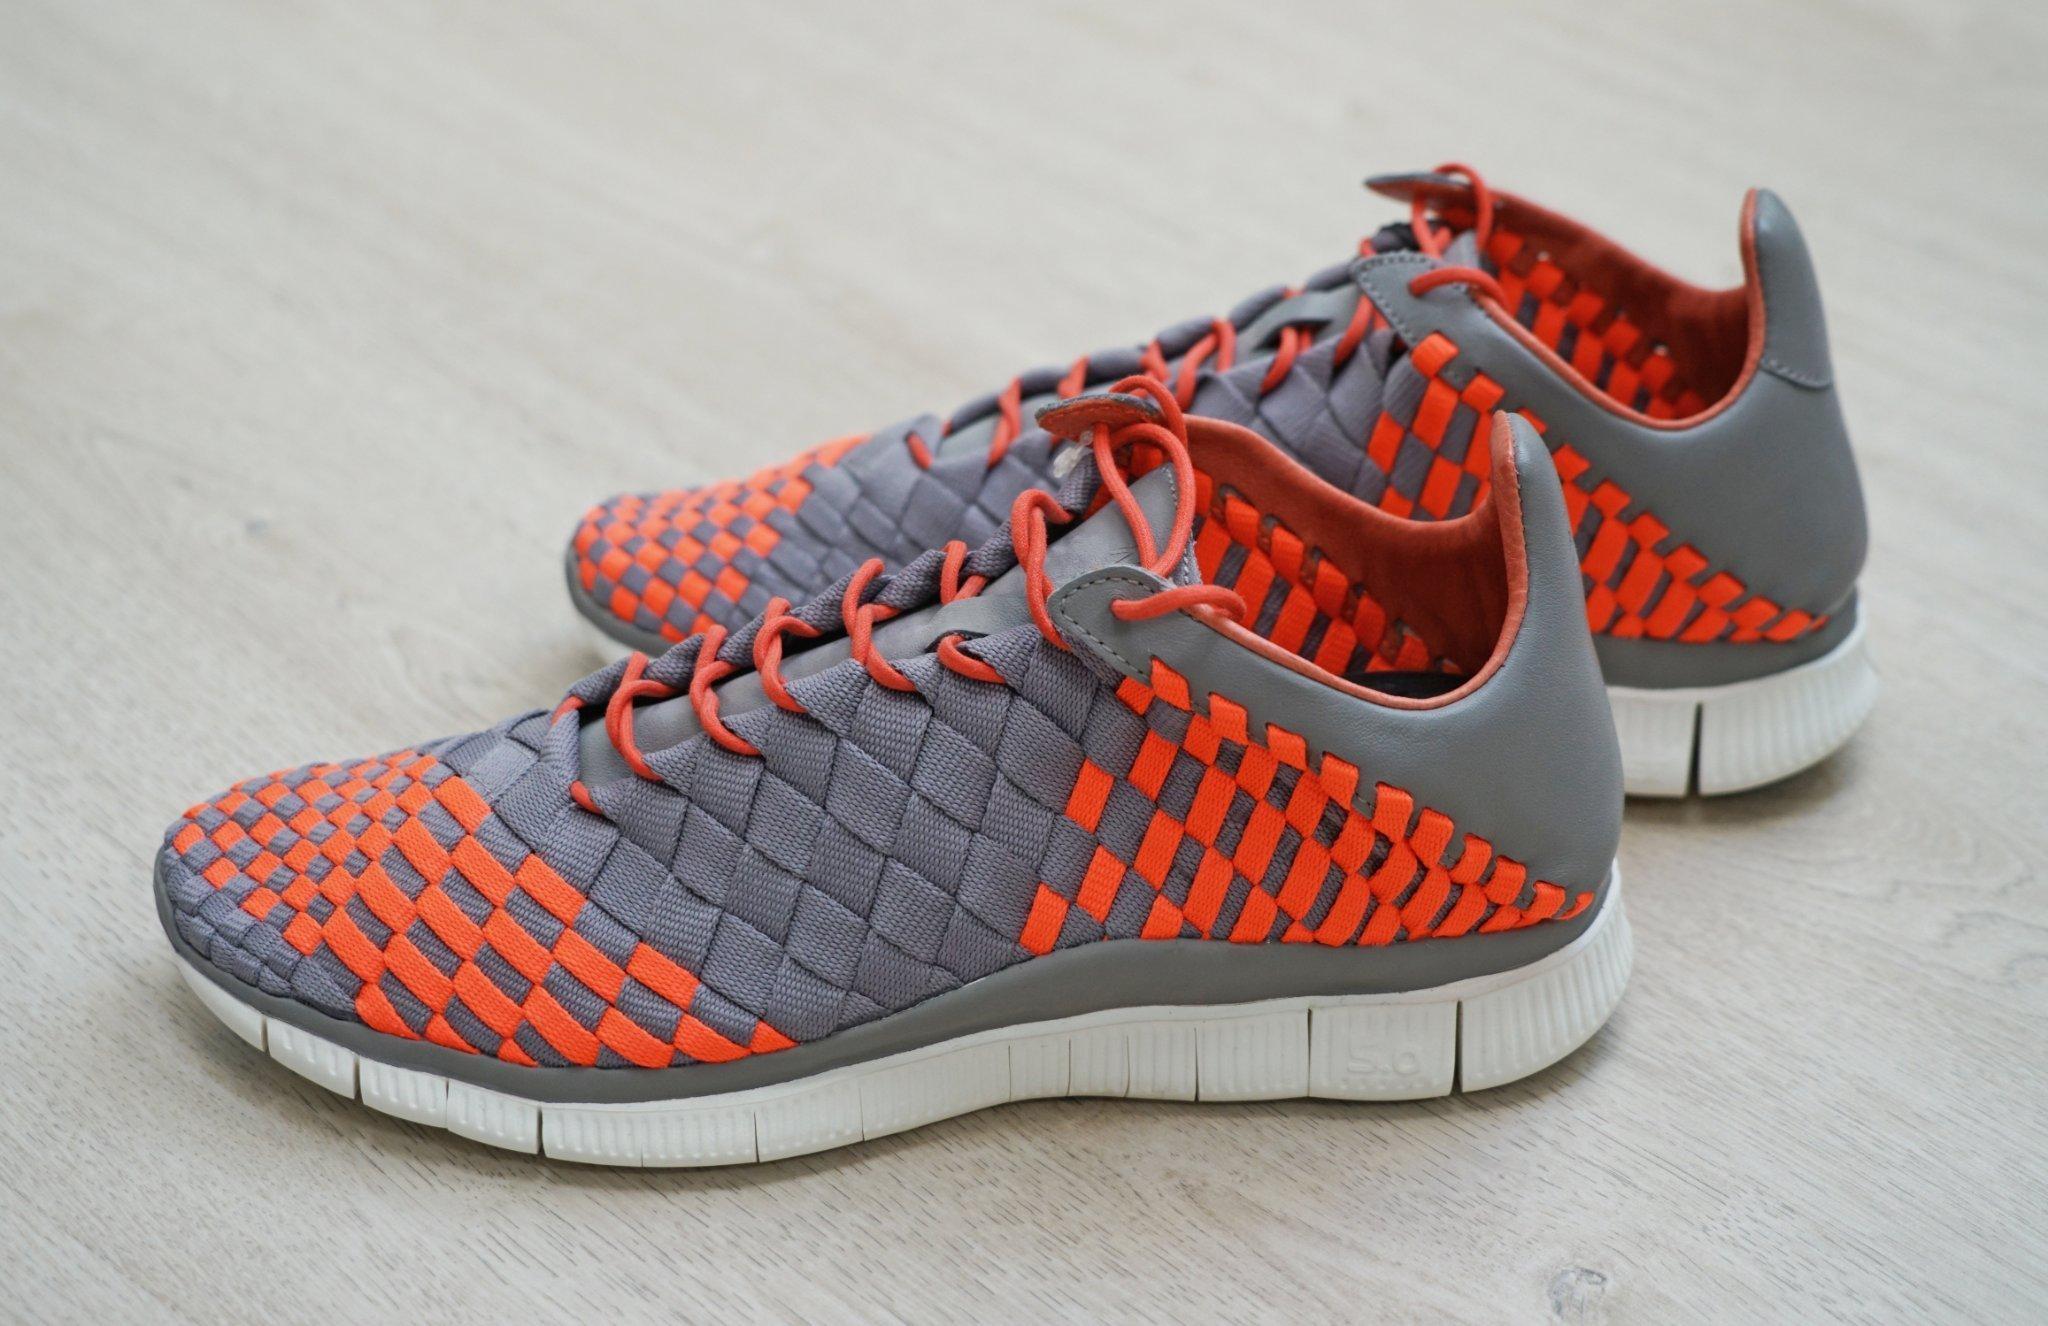 bd6954a085f NIKE FREE INNEVA, flätade, limiterade sneakers, skor, running, NYA &  OANVÄNDA ...